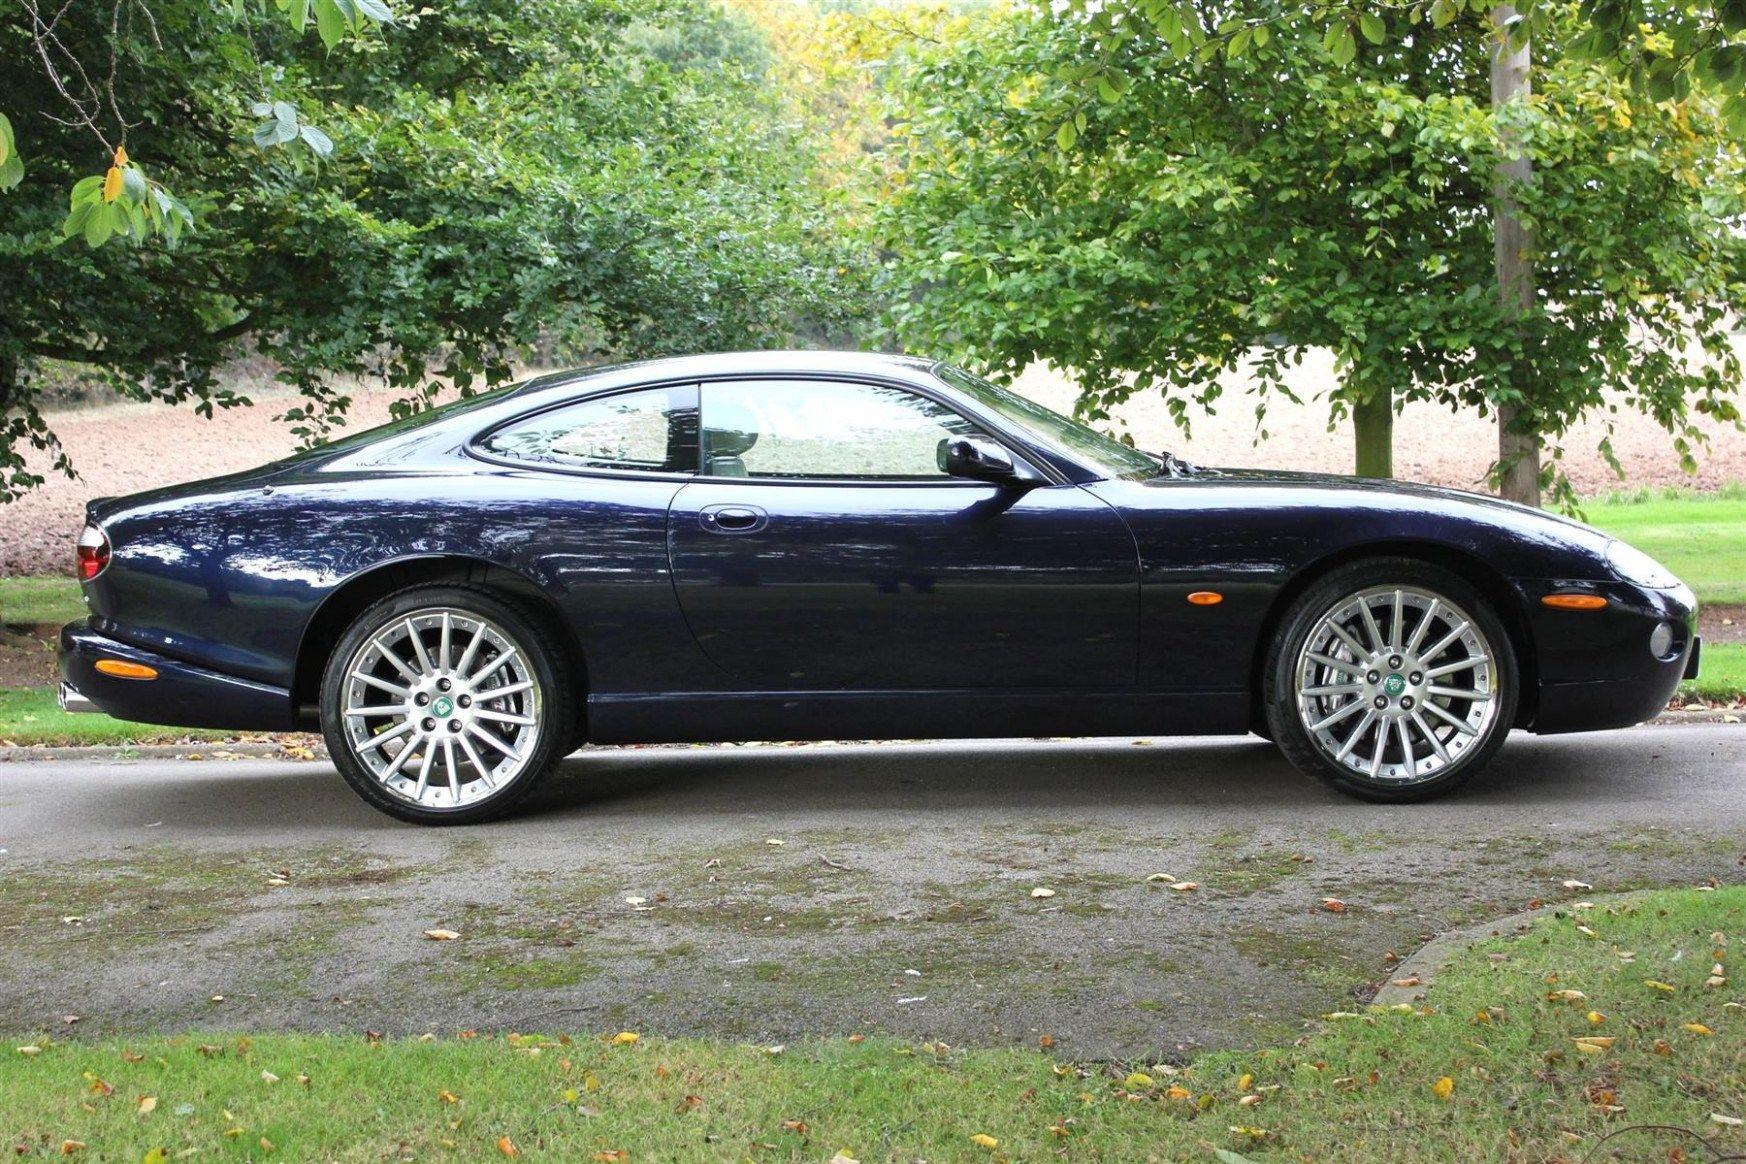 Five Things You Should Know About Used Jaguar Cars Used Jaguar Cars Https Ift Tt 2sj1nd6 Jaguar Xk8 Jaguar Car Jaguar